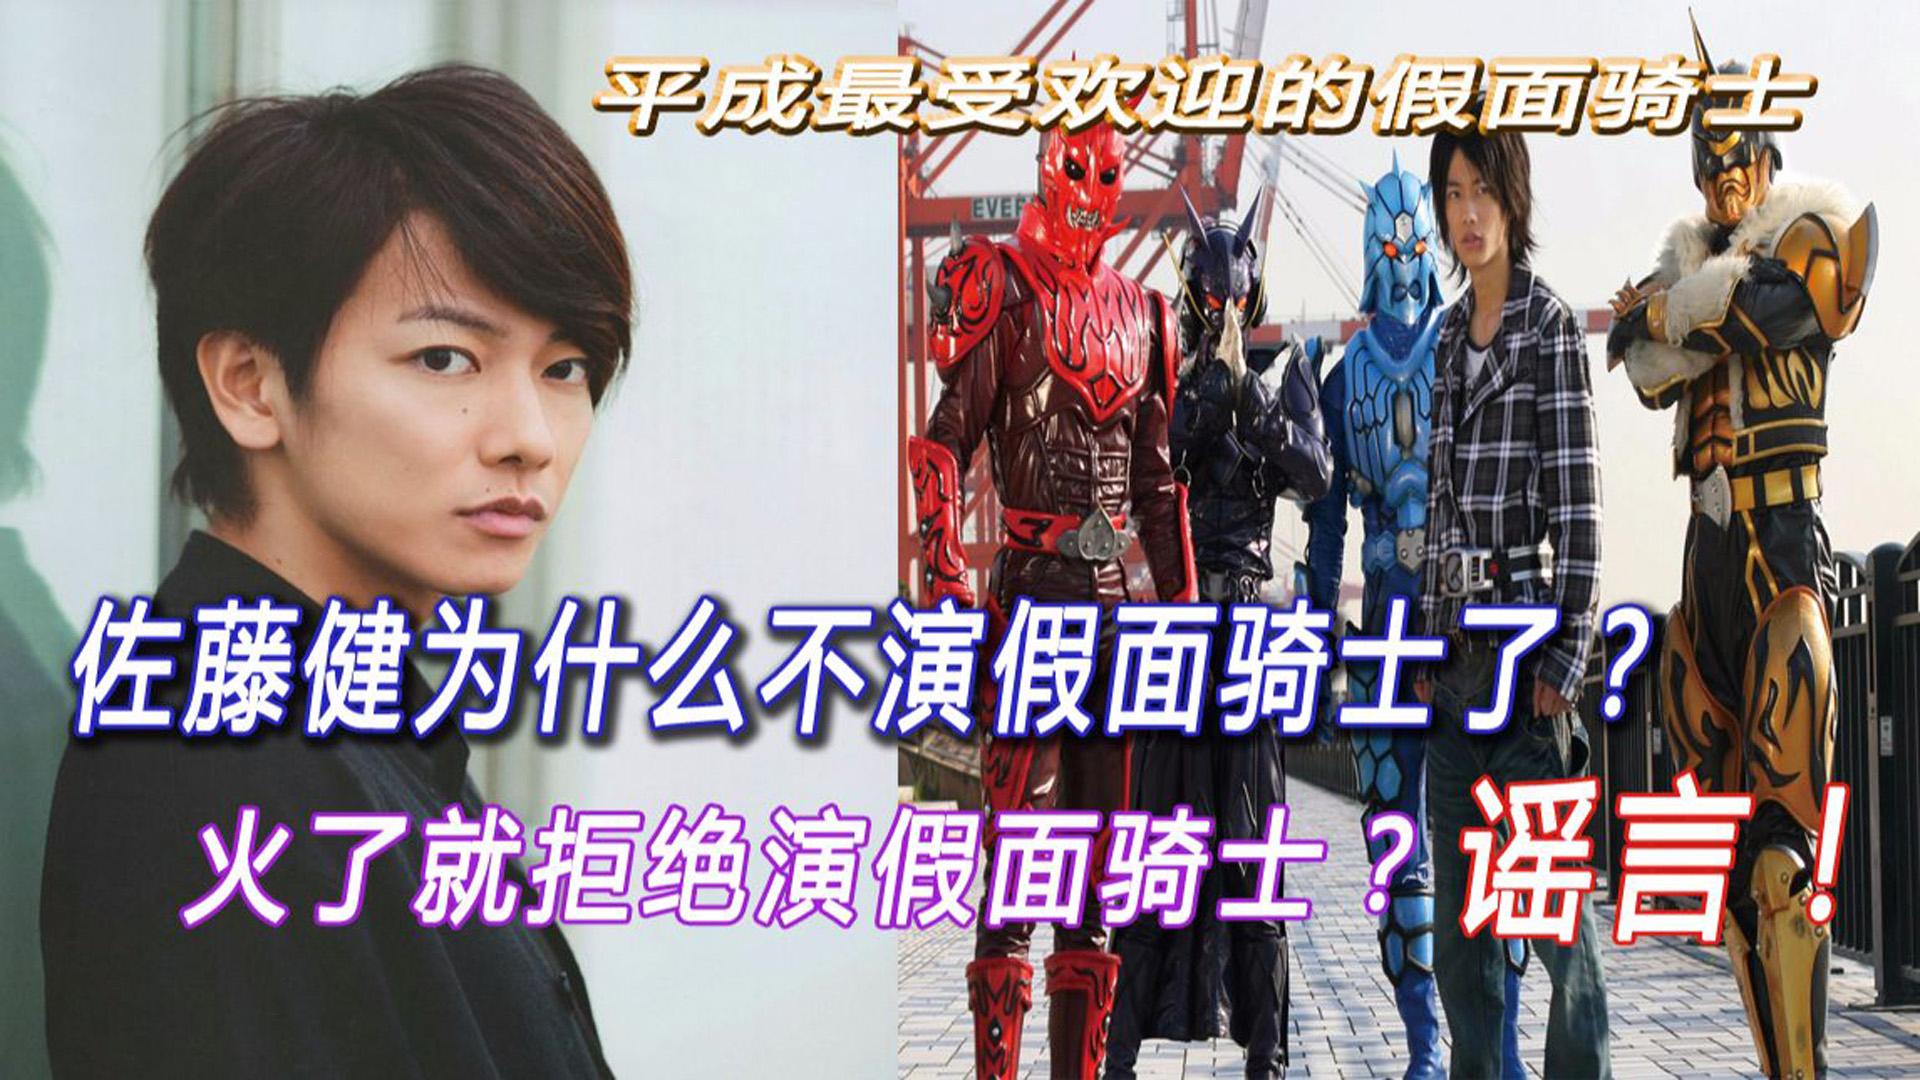 充满魅力的佐藤健——从假面骑士电王蜕变成日本国民级一线明星